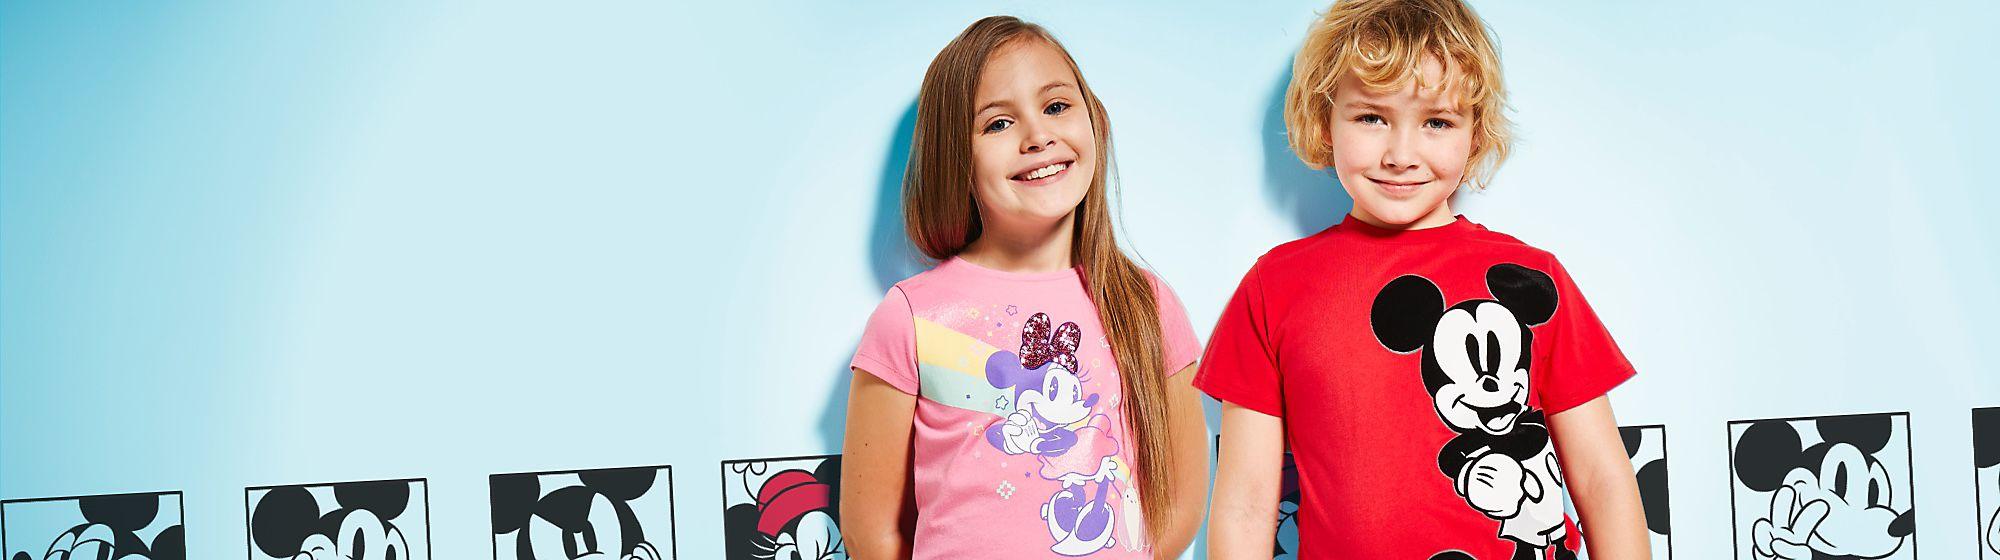 Mode enfants Pour être à la mode de Disney, votre enfant sera ravi de porter robe, T-shirt ou encore pantalon à l'effigie de ses personnages Disney préférés !